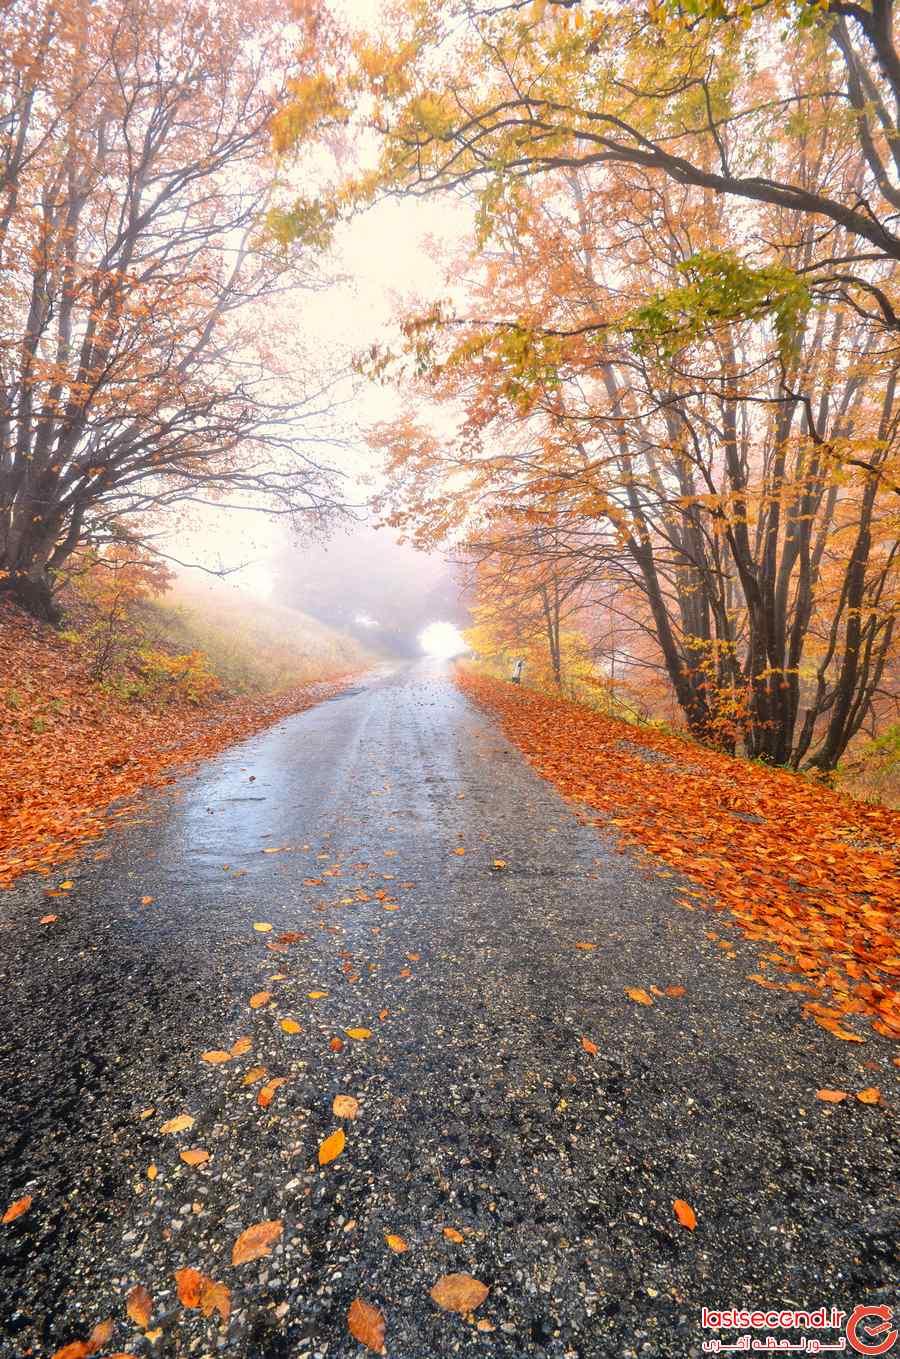 عکس پاییزی با کیفیت بالا